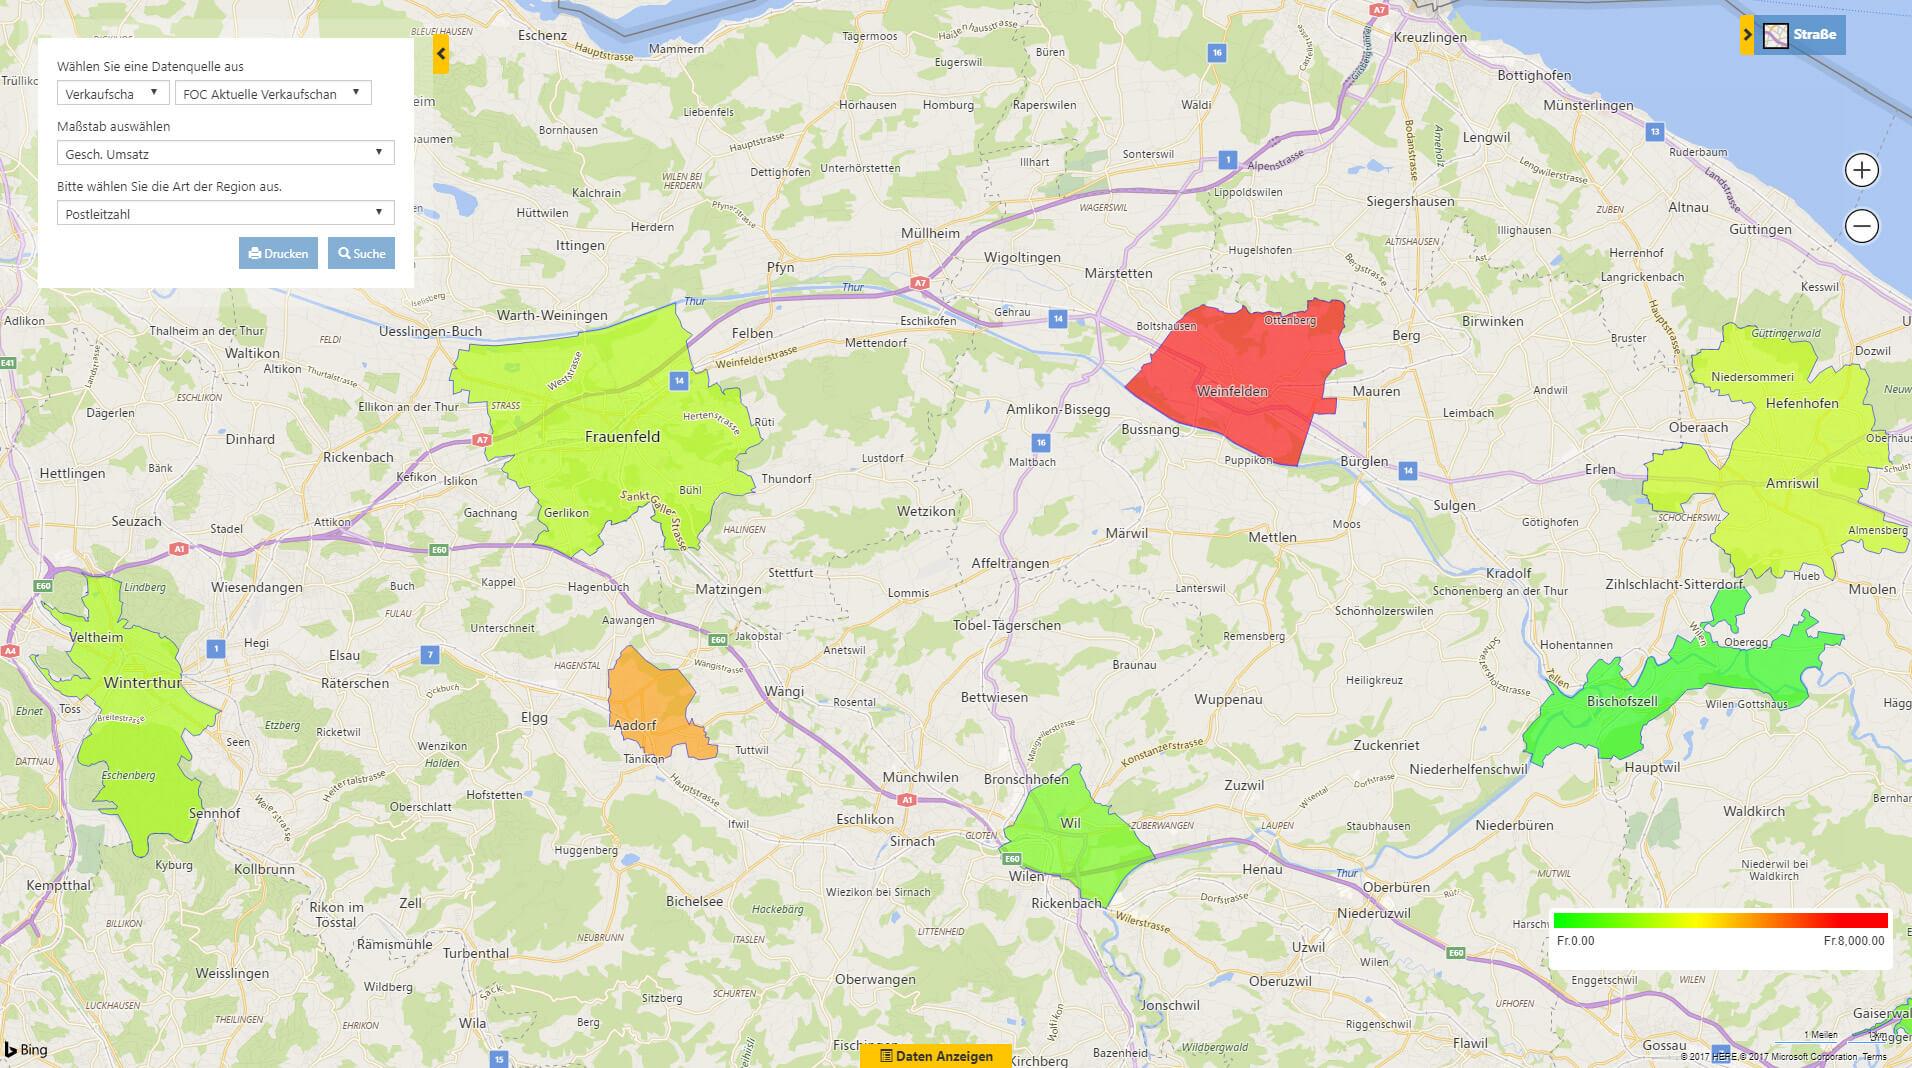 maplytics_geografische-daten-analyse_03